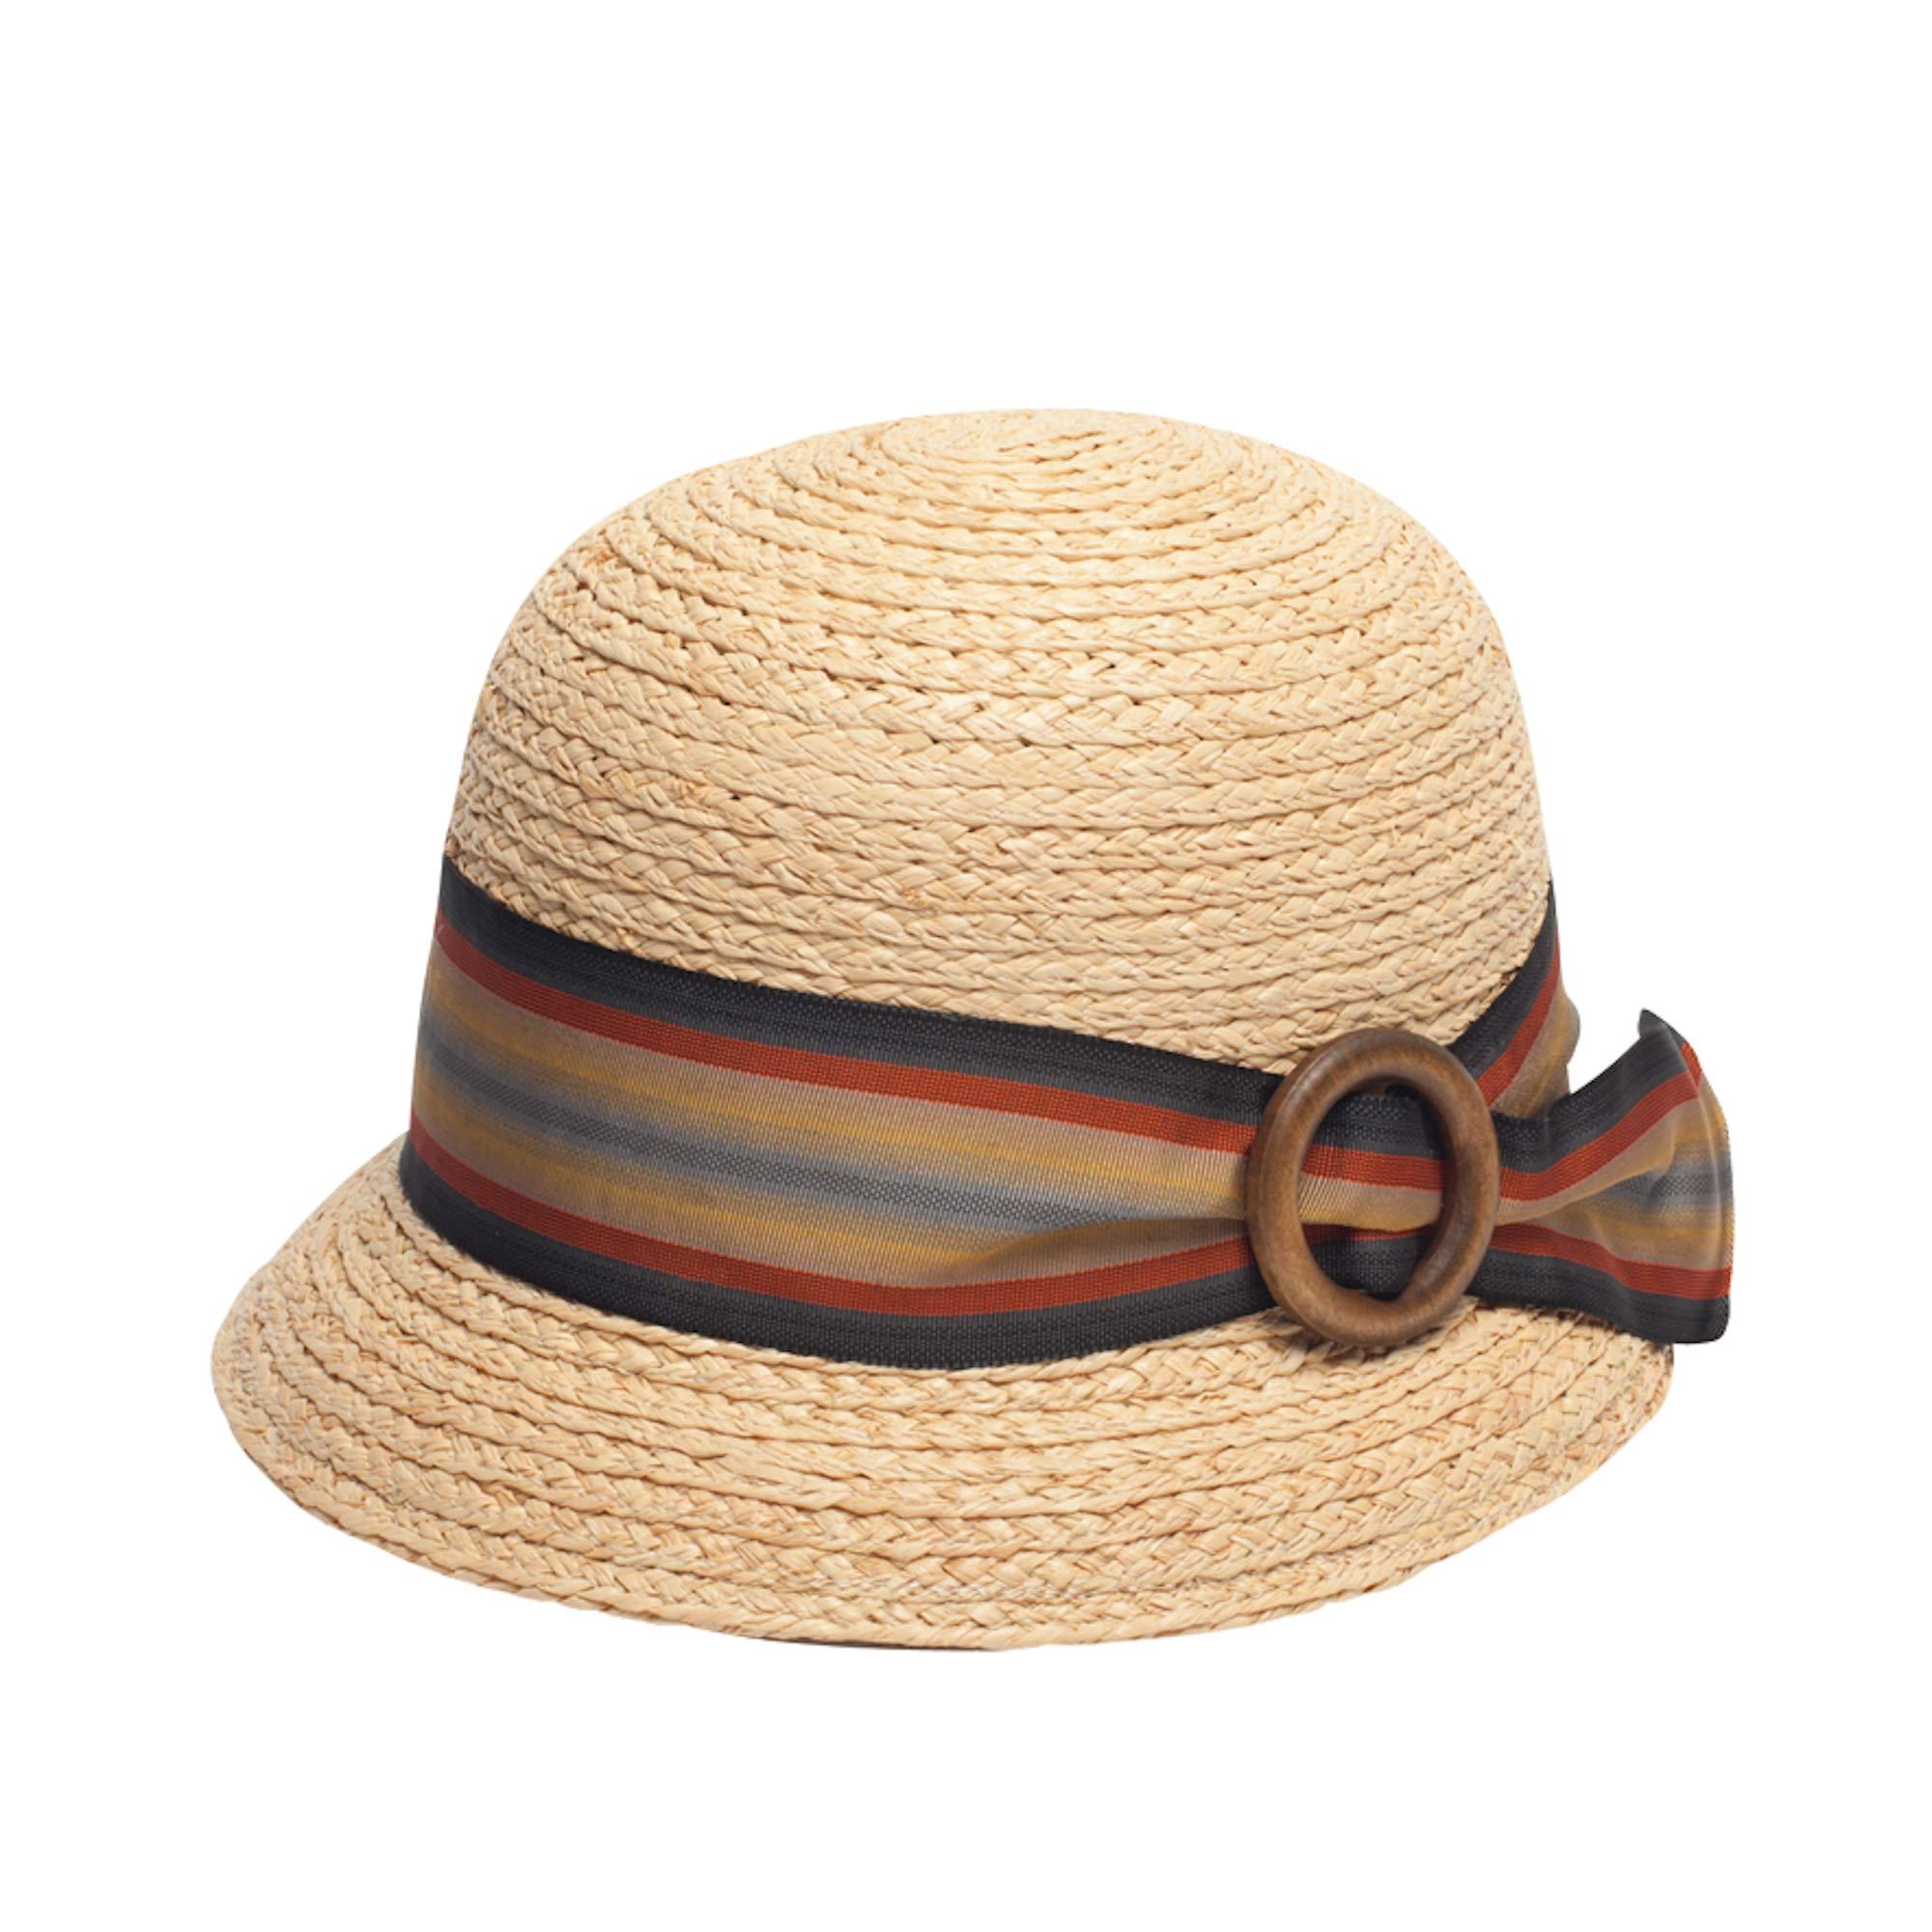 Goorin Bros. Allison Straw Cloche Hat